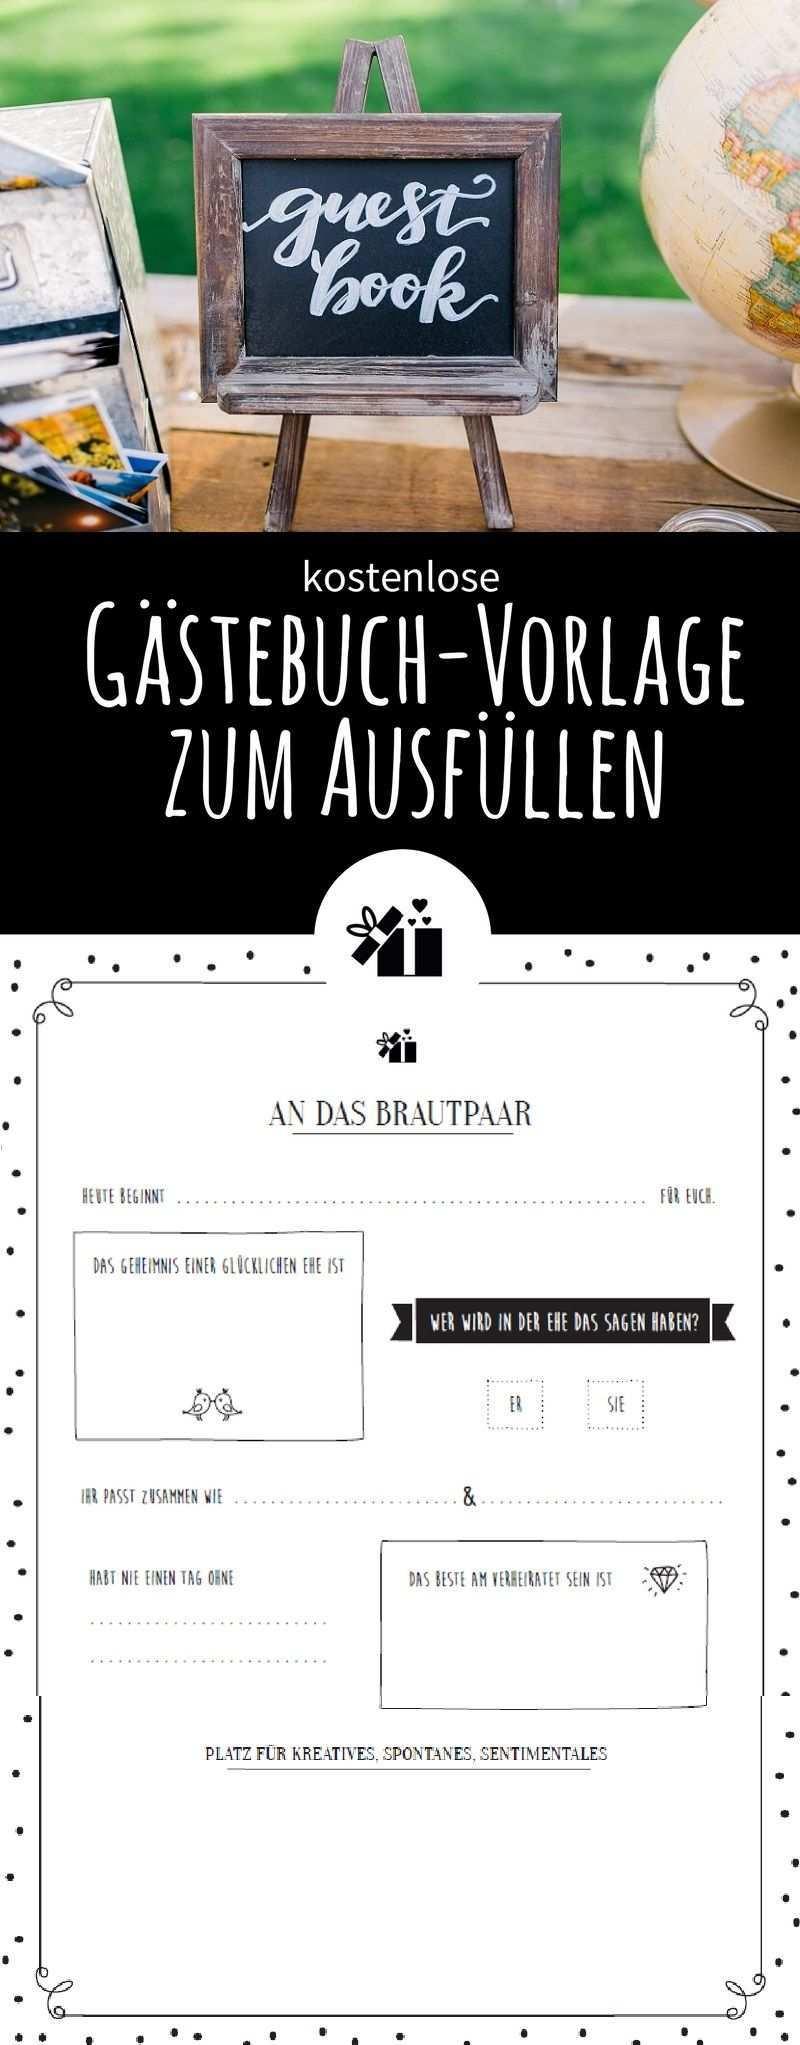 Tolle Gastebuch Vorlage Zum Ausfullen Gratis Download Hochzeitskiste Hochzeitsplaner Buch Gastebuch Hochzeit Gastebuch Ideen